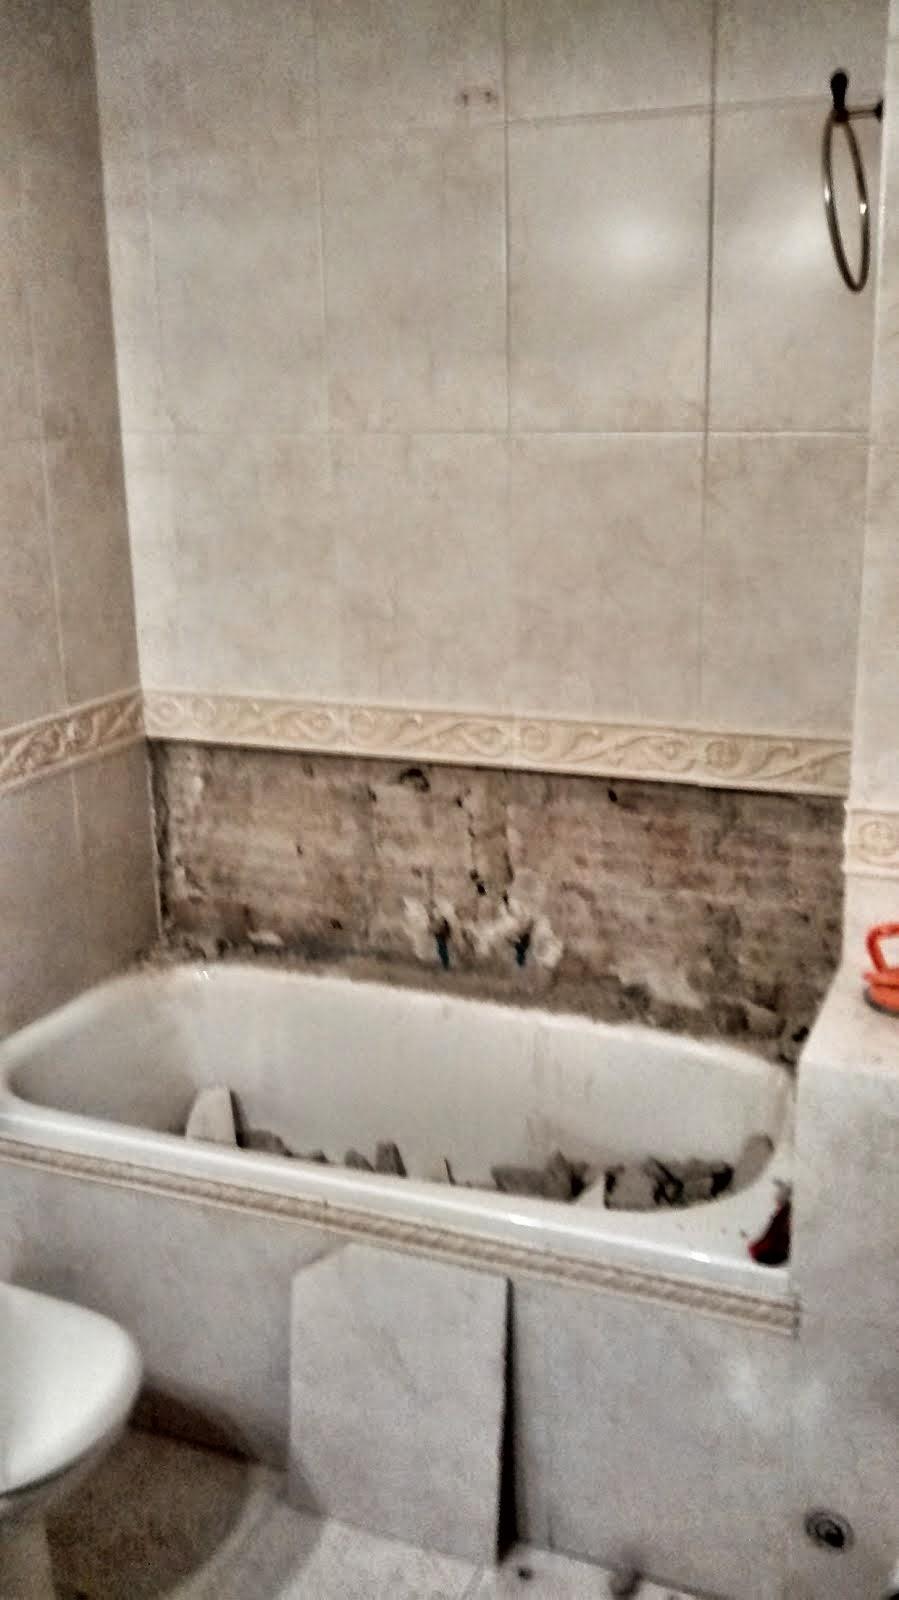 Baldosassa suelos porcel nicos imitacion madera - Quitar banera y poner plato de ducha ...